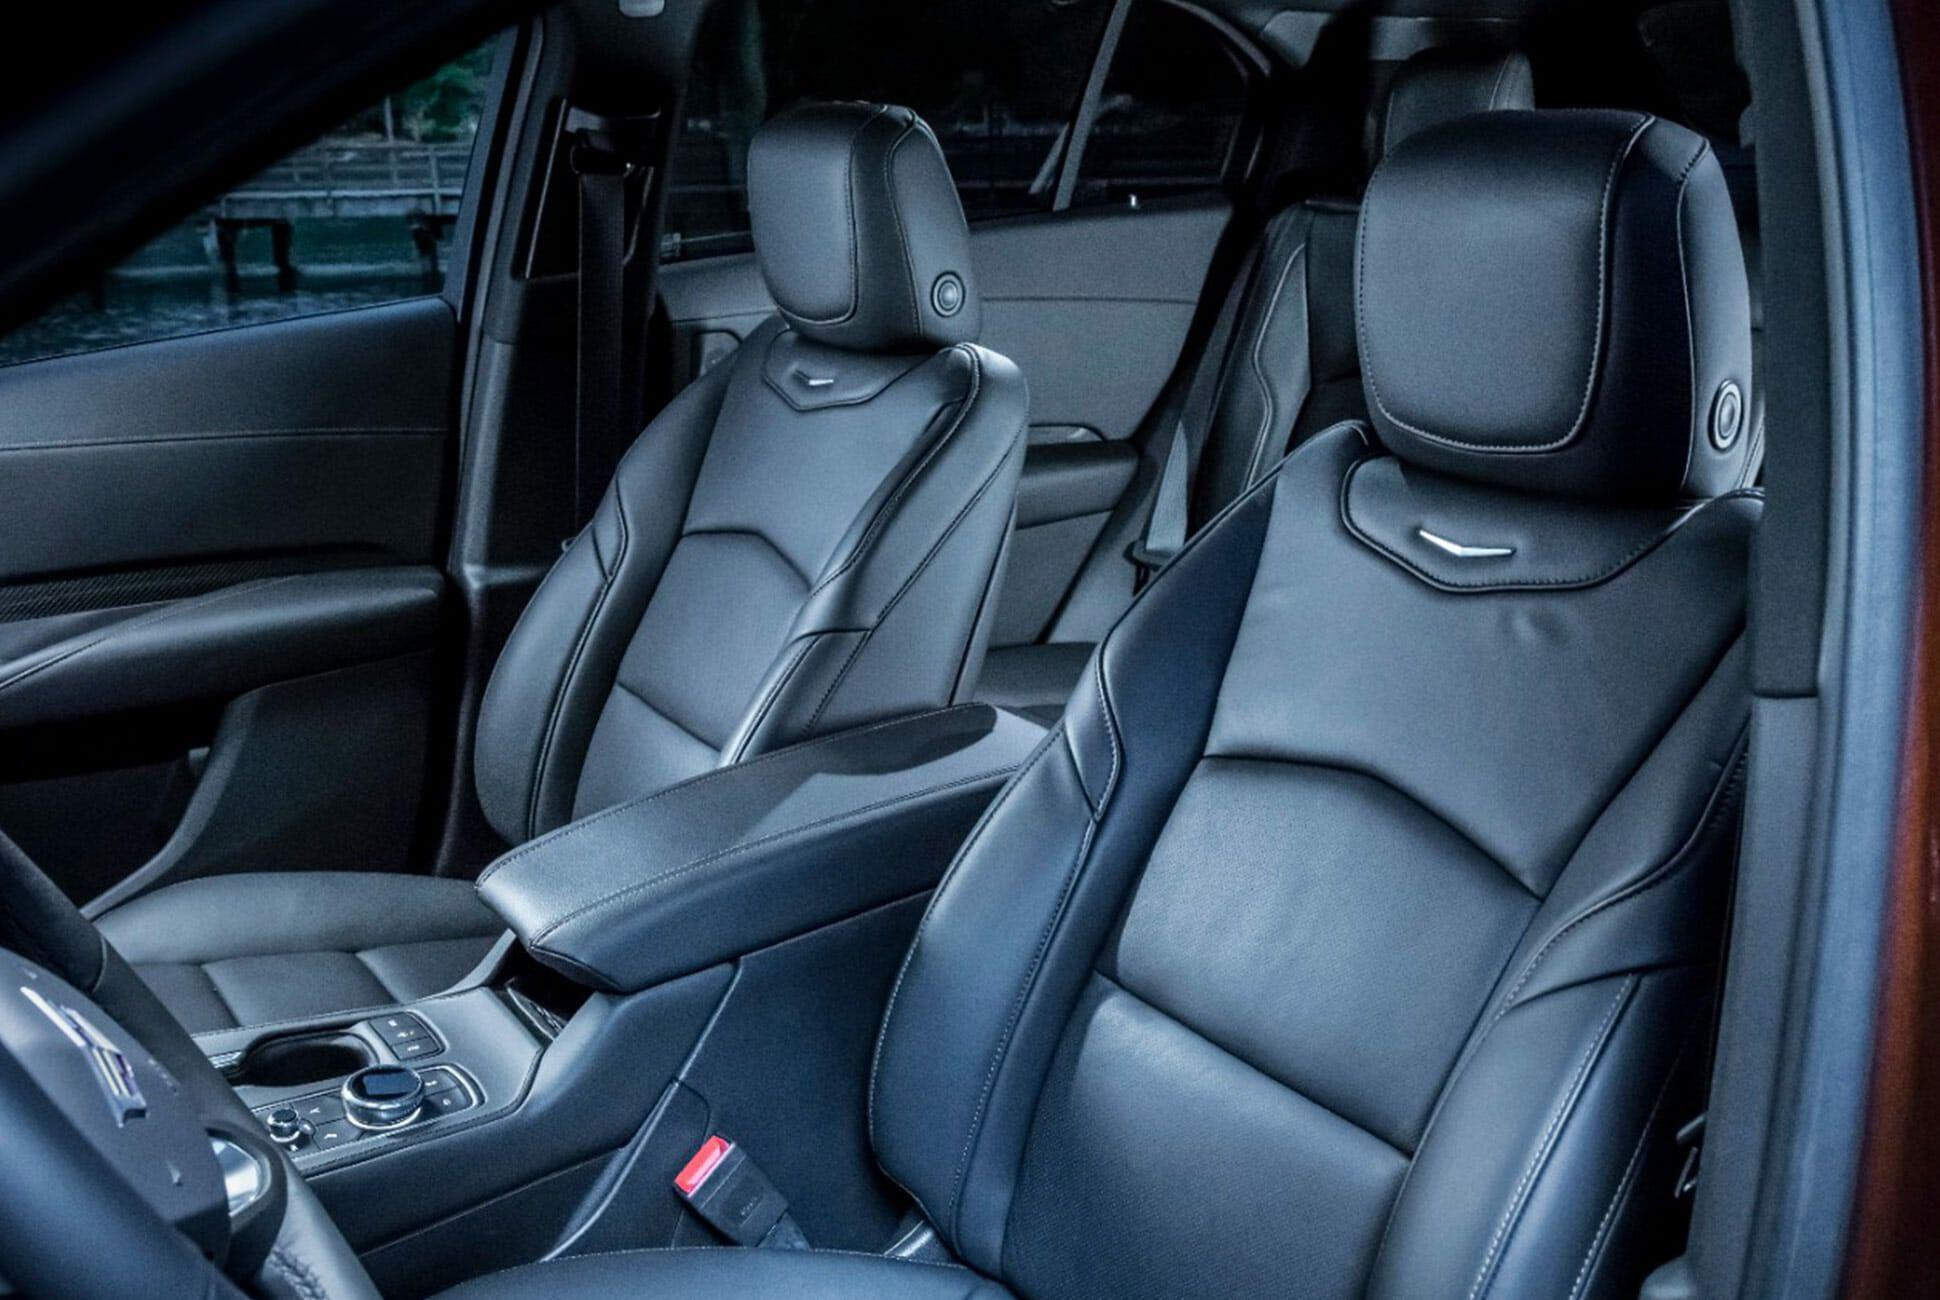 2019-Cadillac-XT4-Gear-Patrol-slide-6